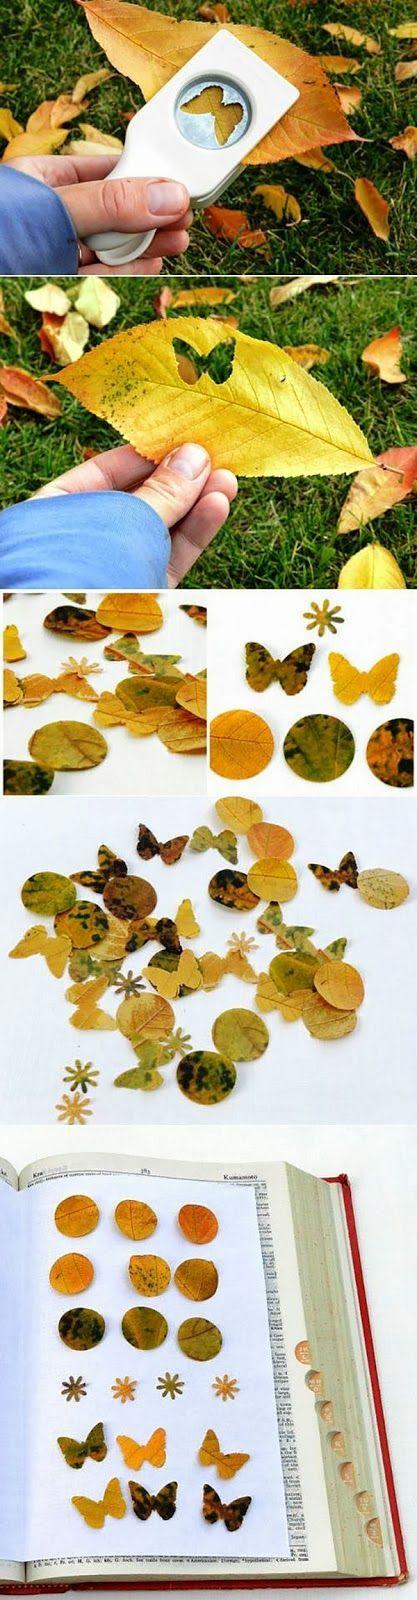 Blätter ausstanzen im Sommer für schöne Bilder